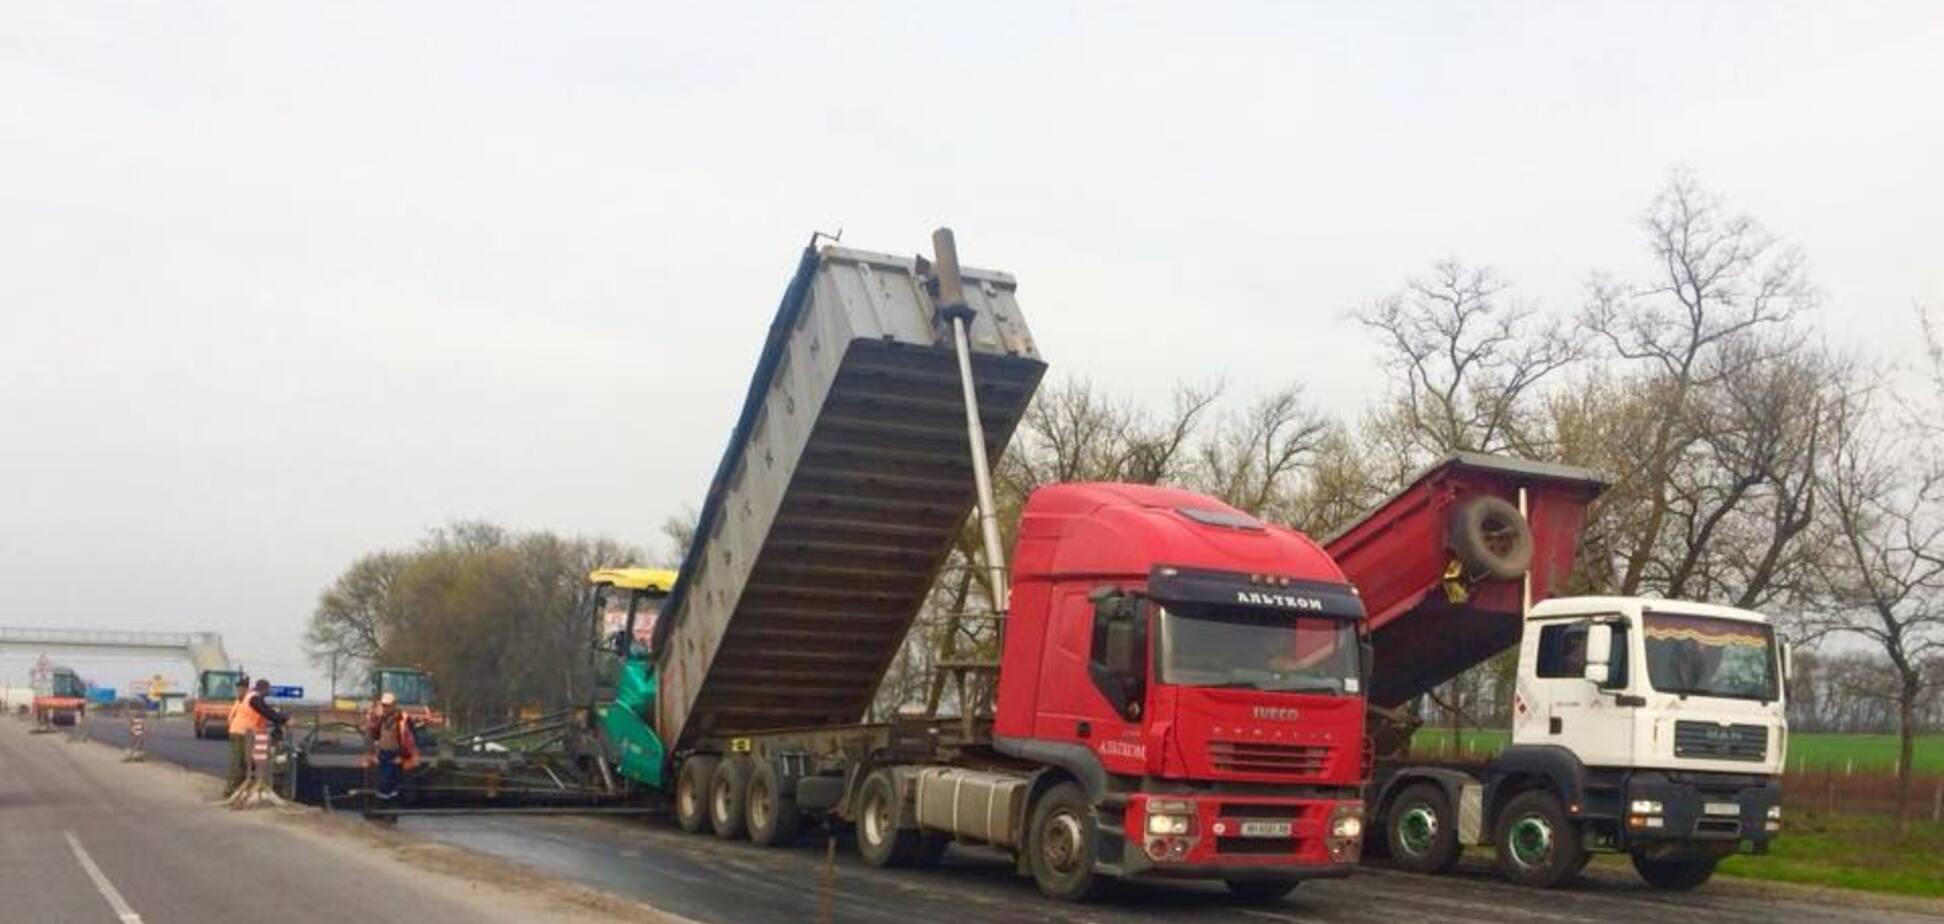 Везла більше 200 тонн: в Україні затримали фуру-антирекордсмена